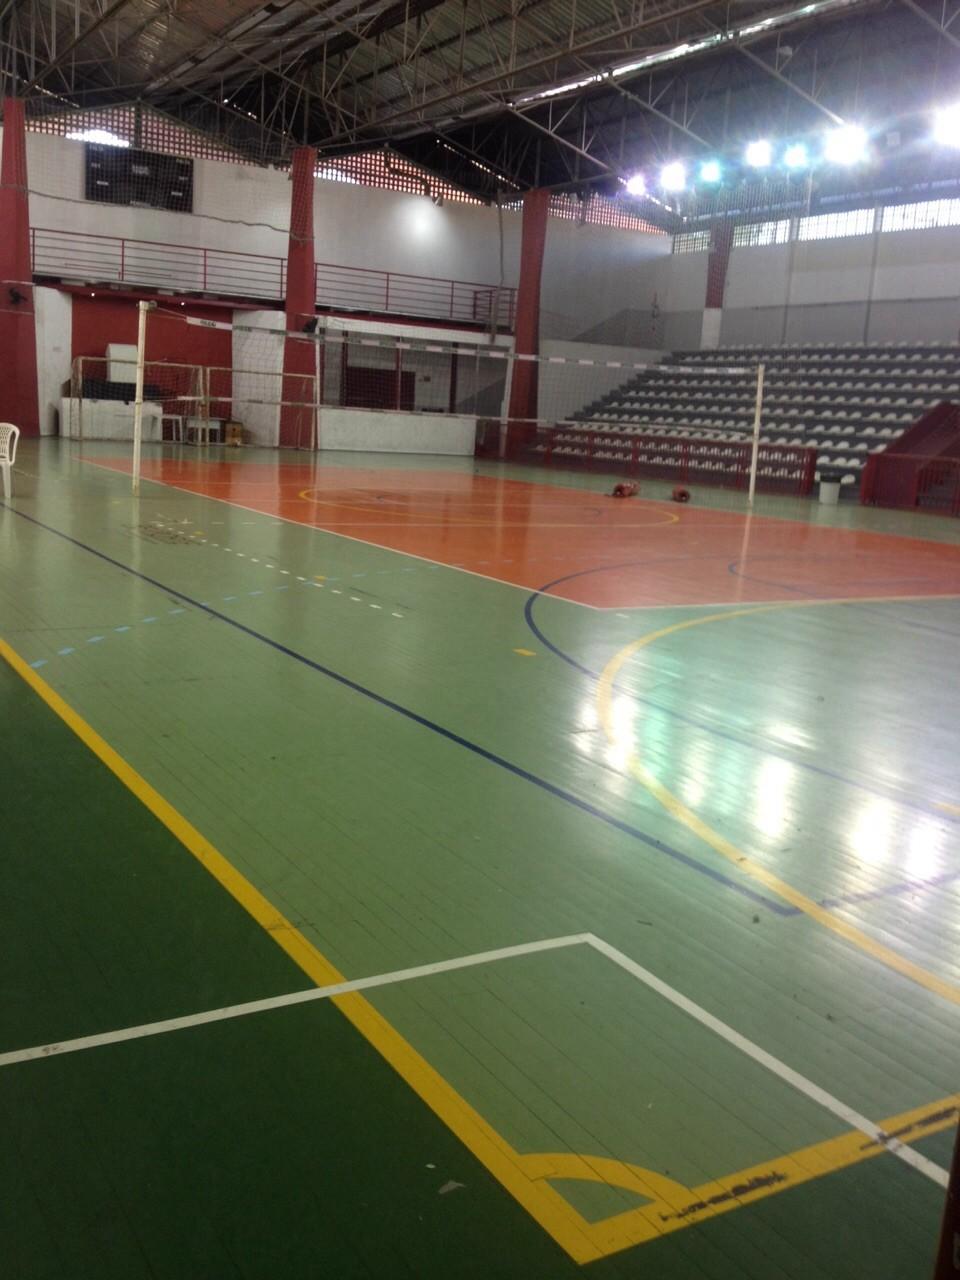 Estrutura foi tirada do ginásio Capoeirão (Foto: Secretaria Municipal de Assistência Social/Divulgação)